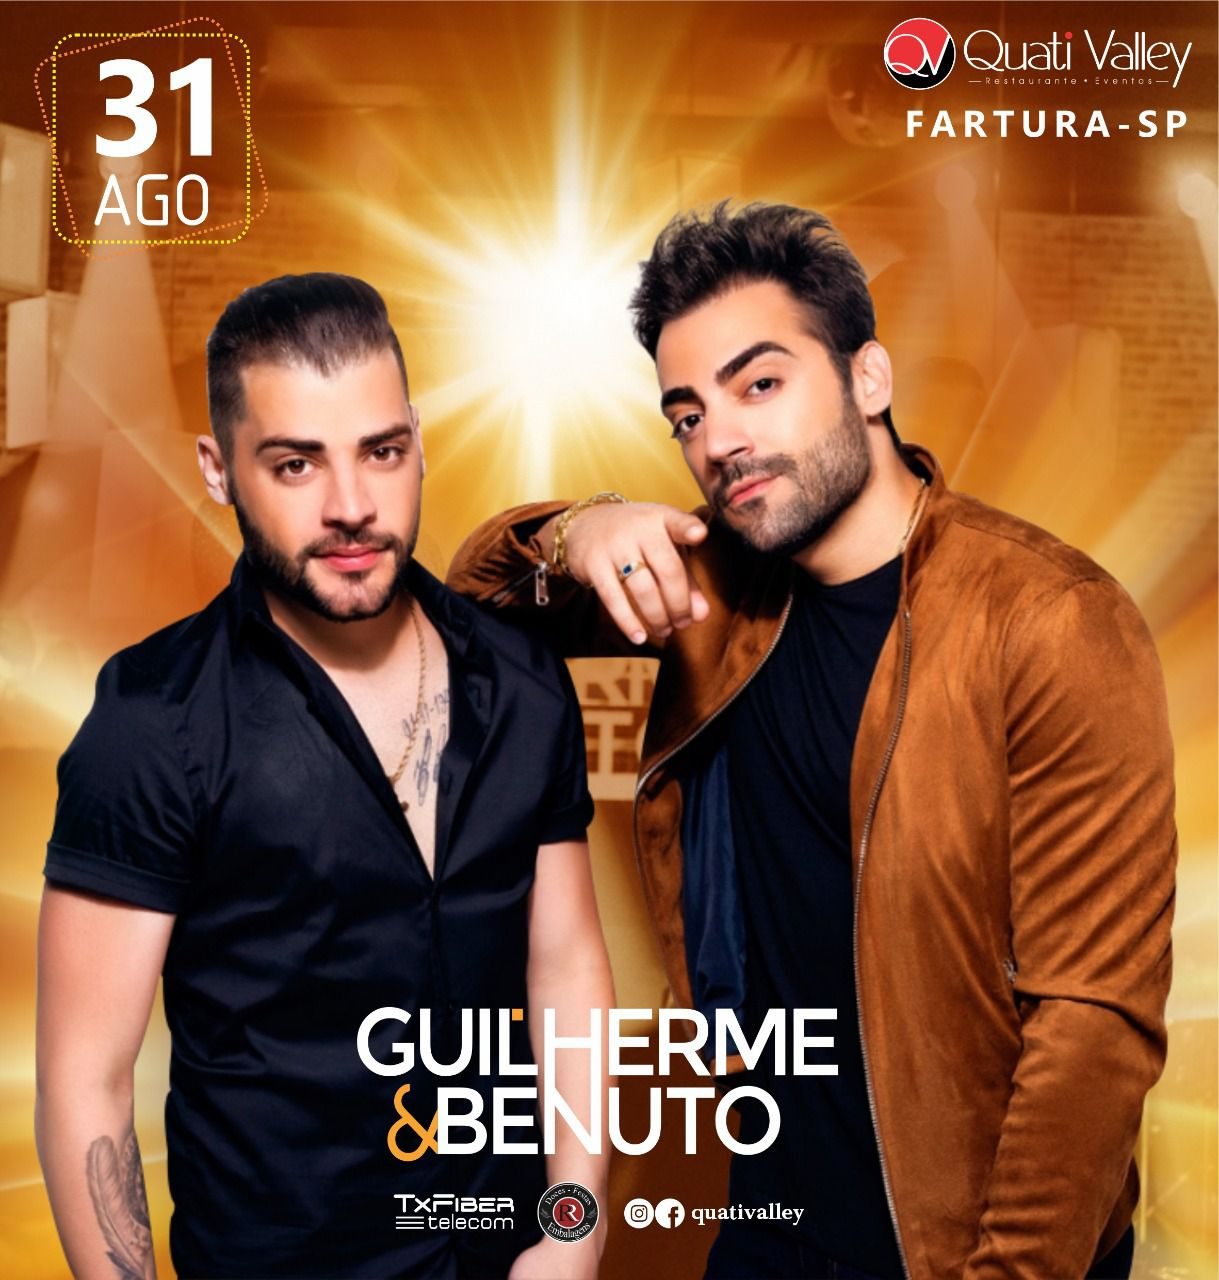 Guilherme & Benuto - 31/08/19 - Fartura - SP